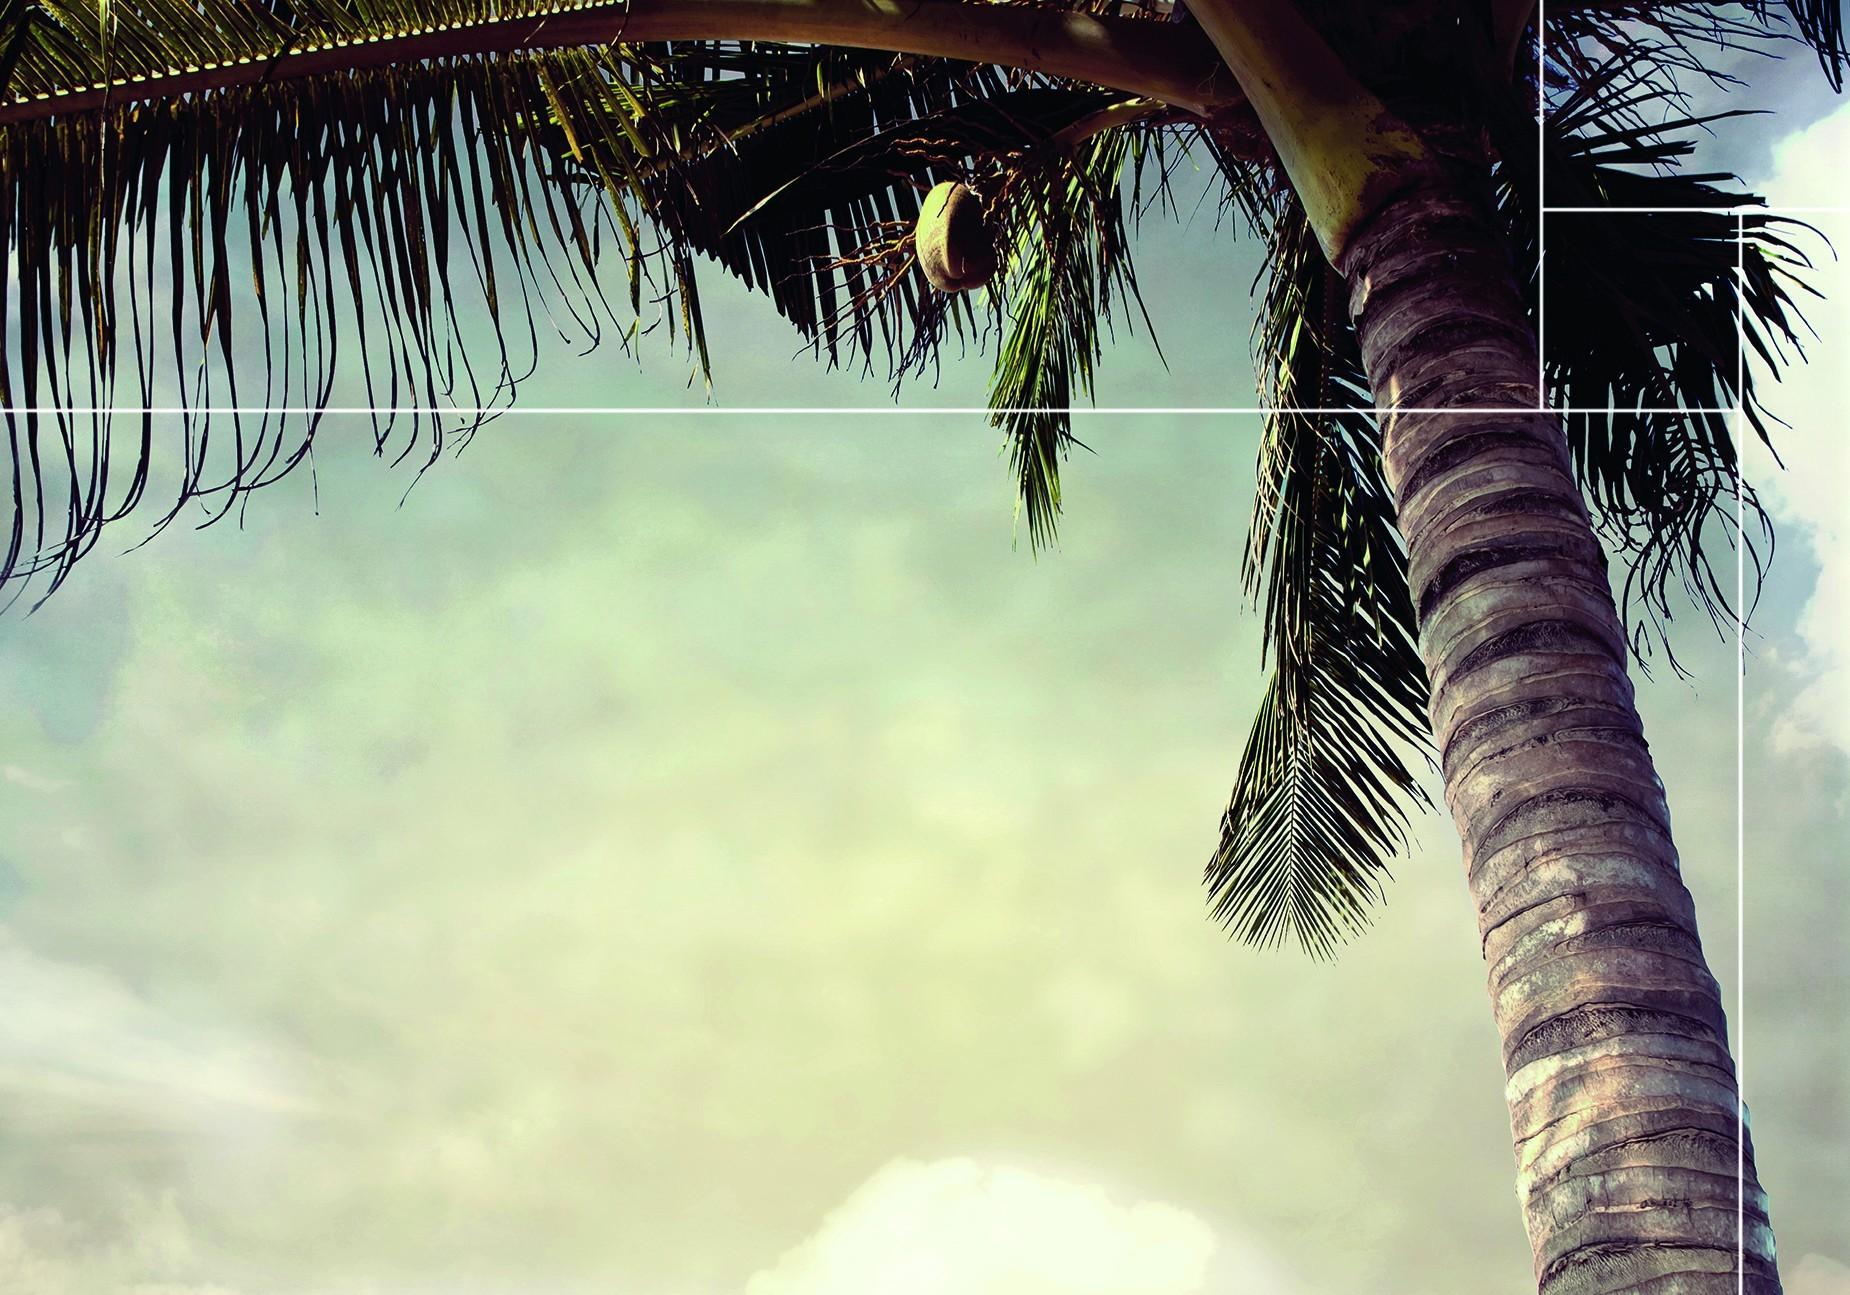 Bekijk hier de wand stalen van de Boracay Beach collectie |Nature@home